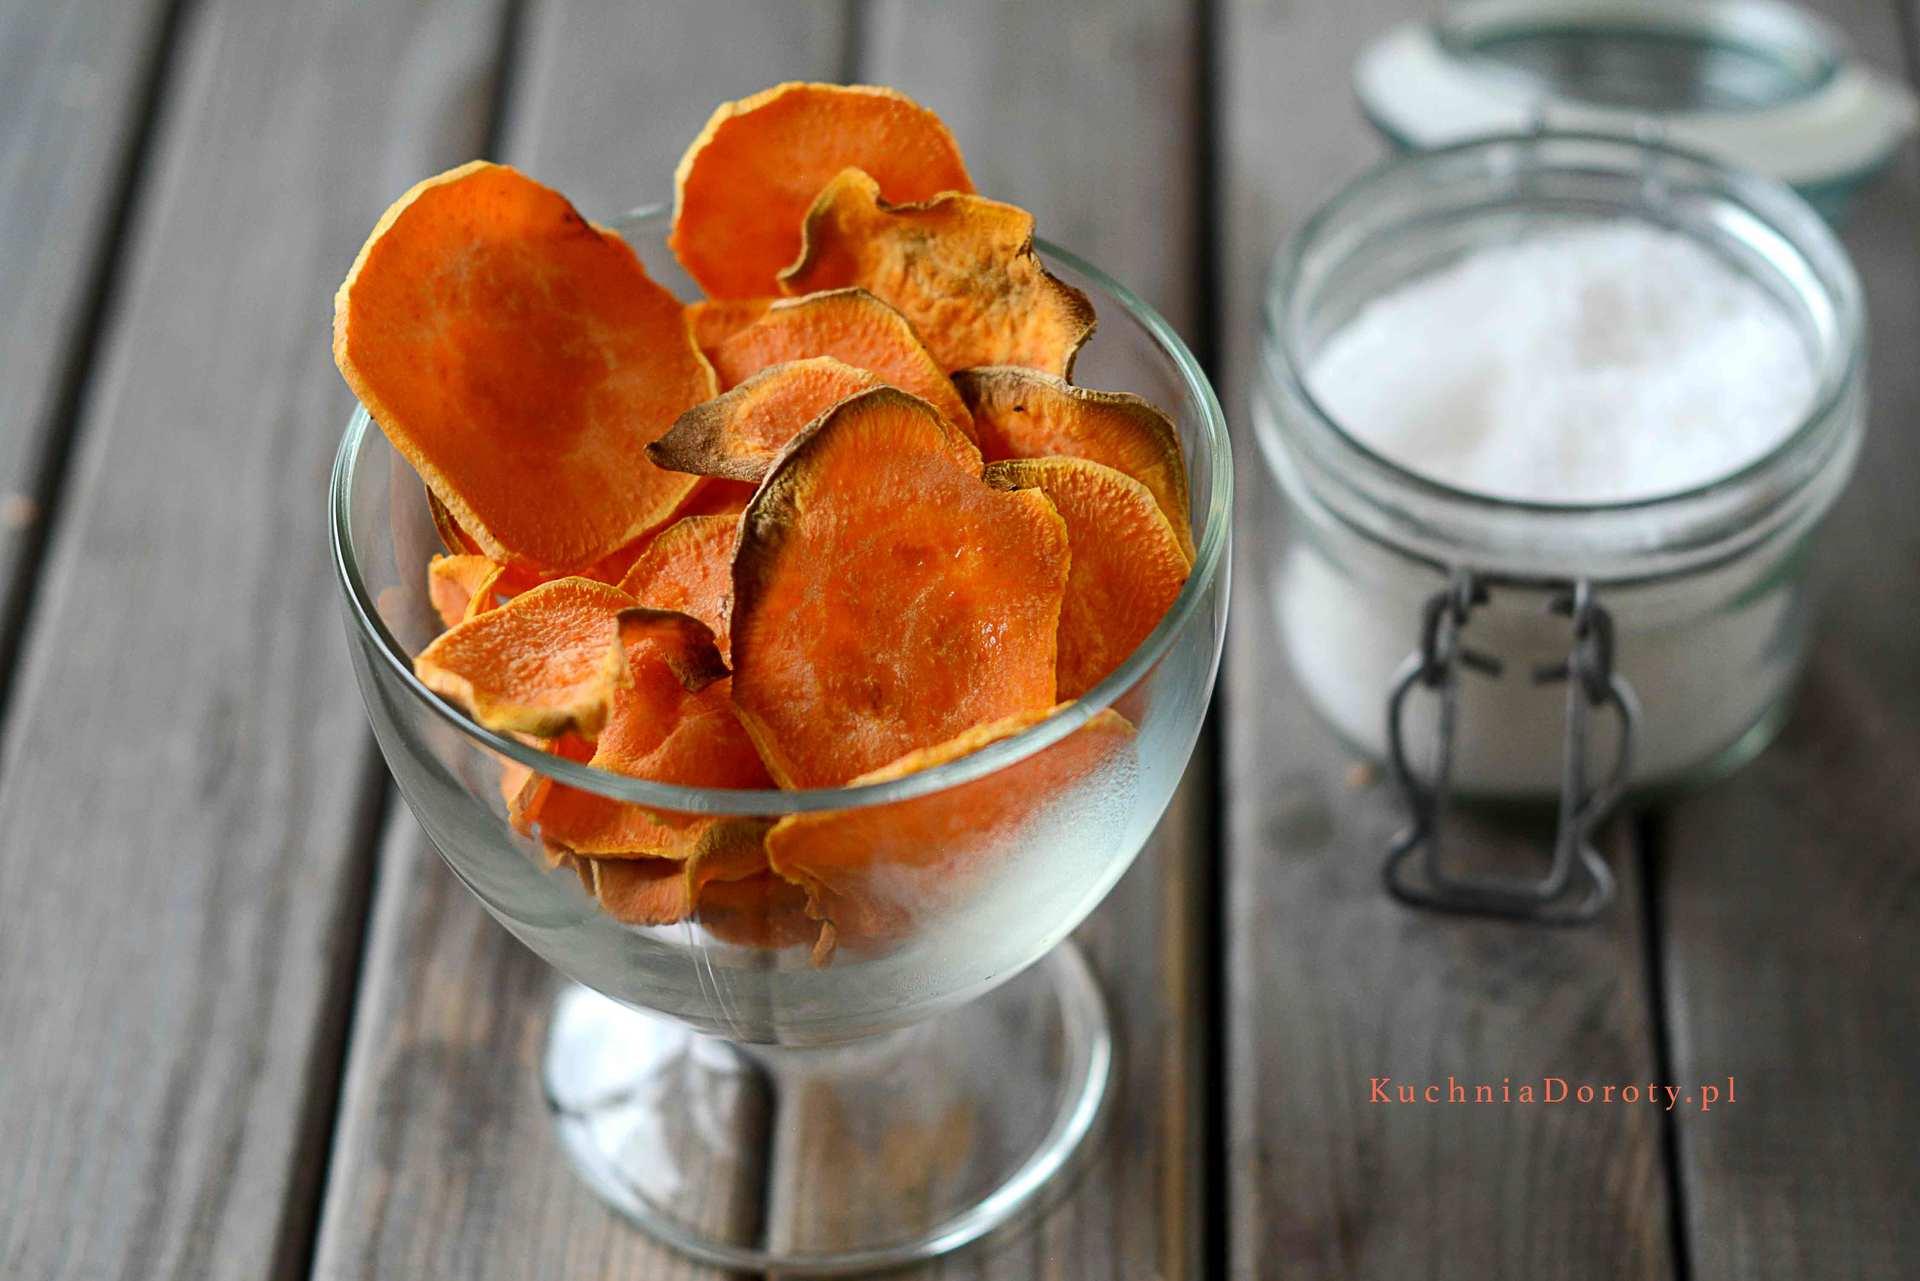 chipsy, bataty, przekąska, vege, zdrowe